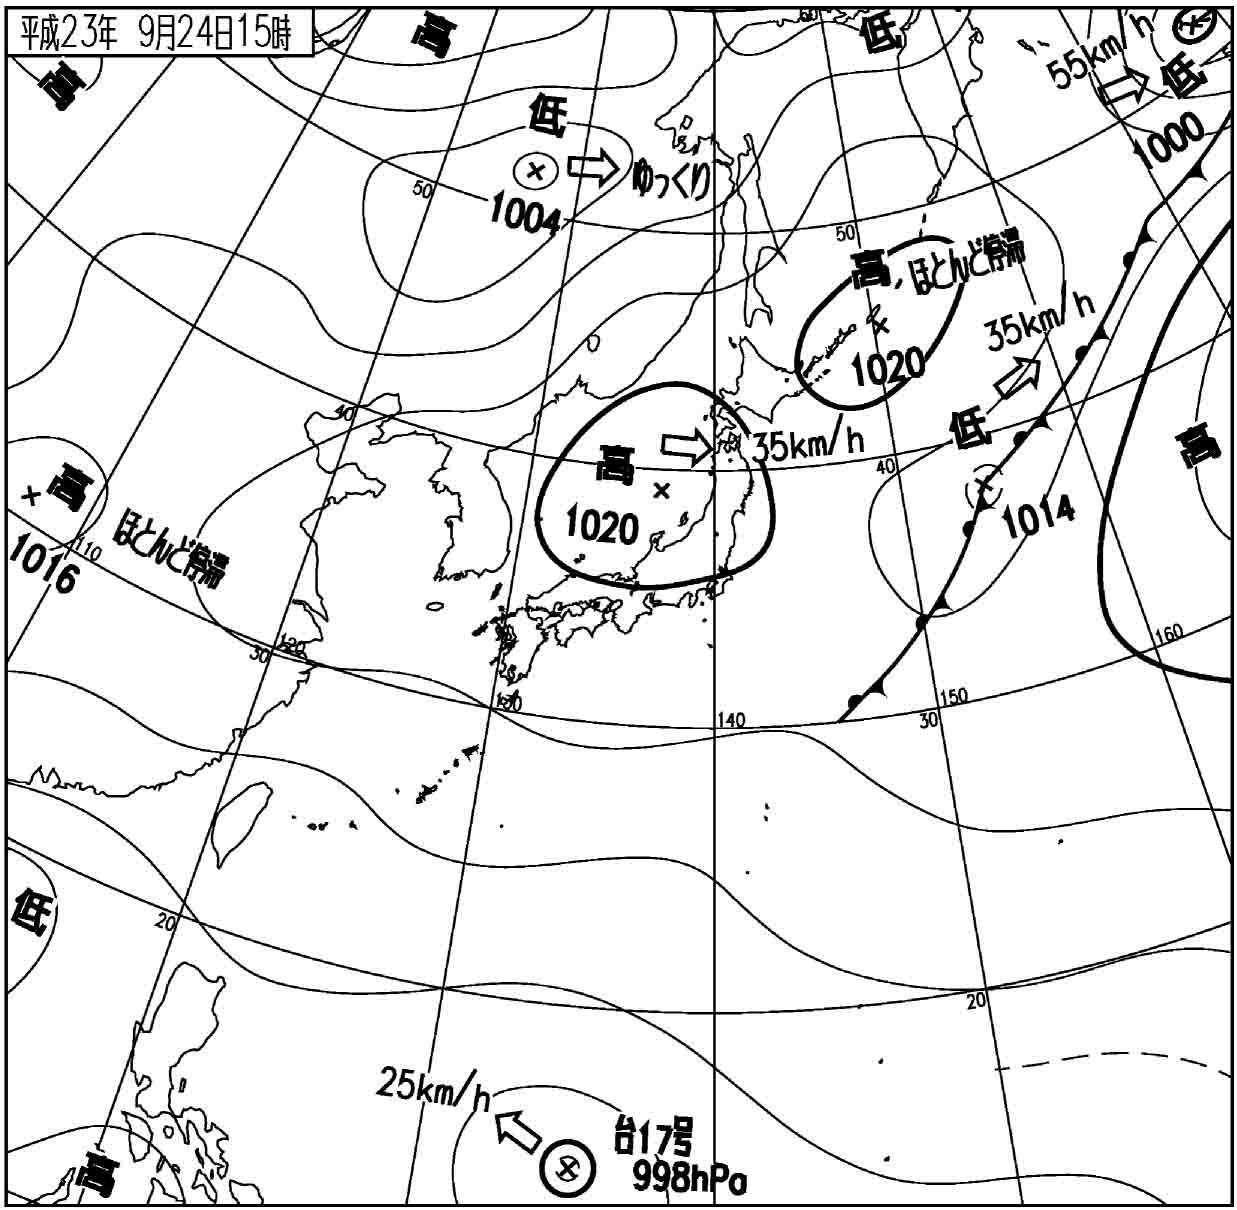 2011092415 天気図